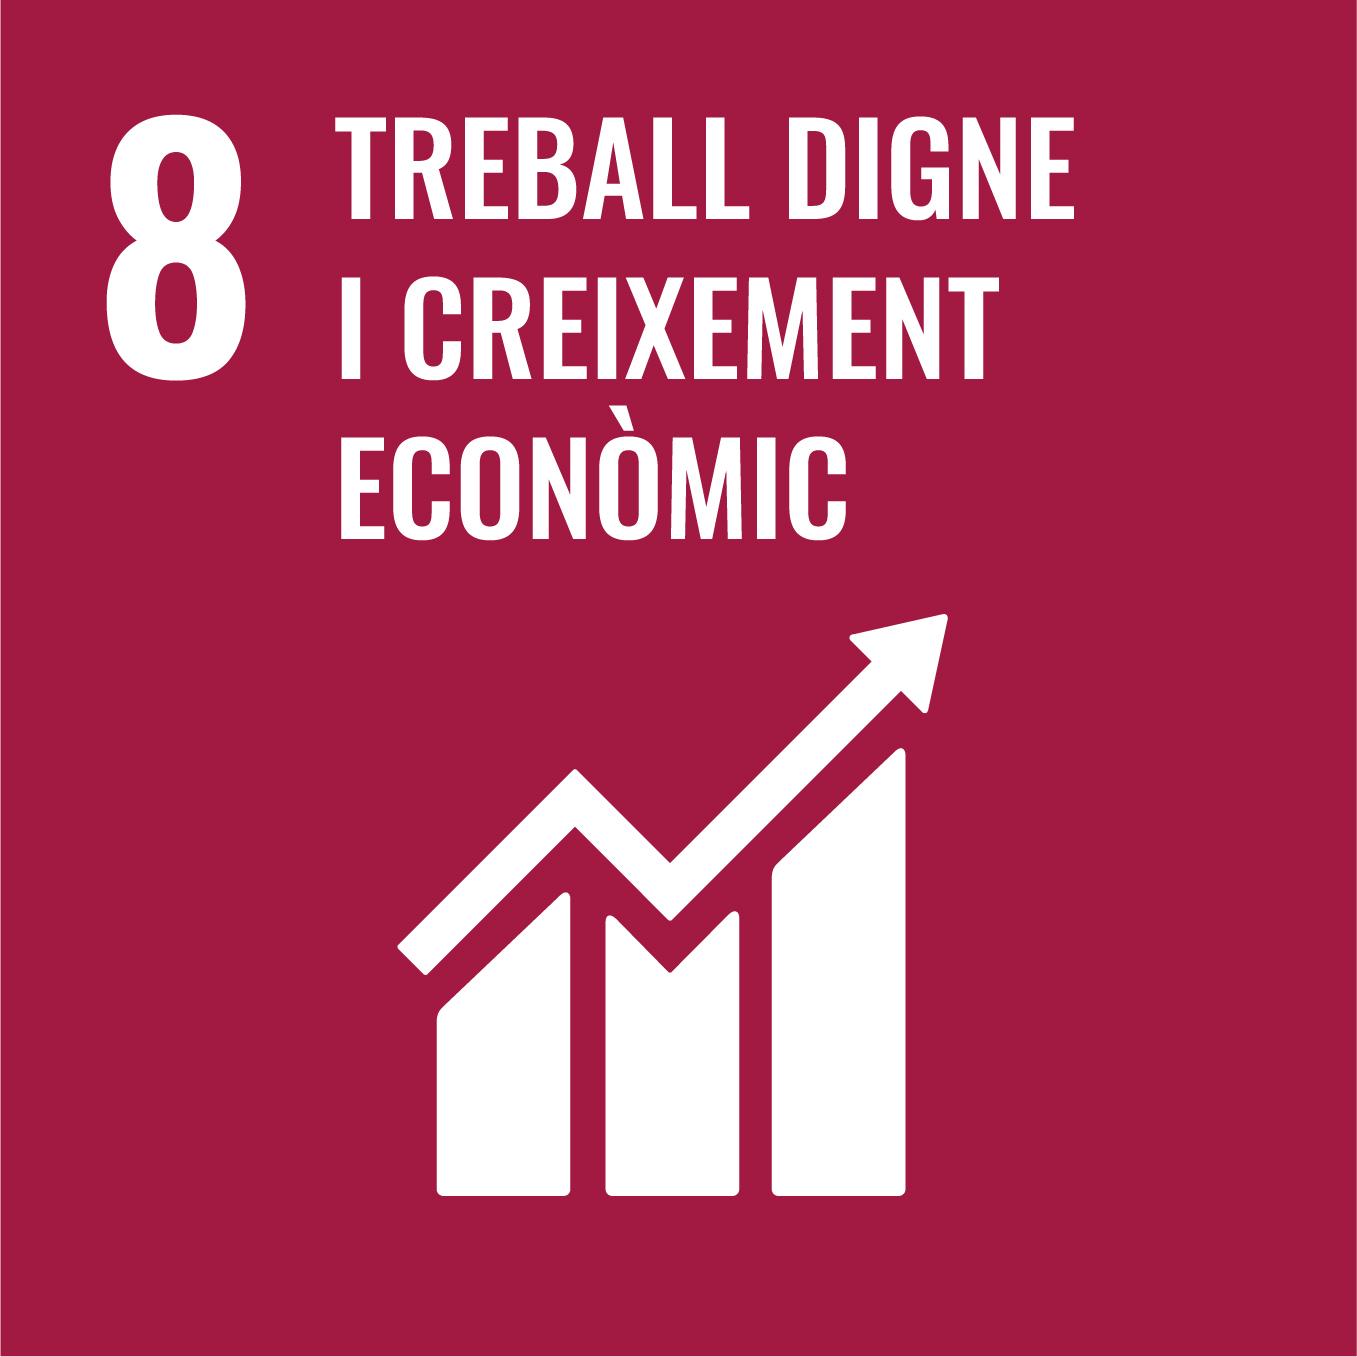 Treball Decent i Creixement Econòmic - Objectiu 8